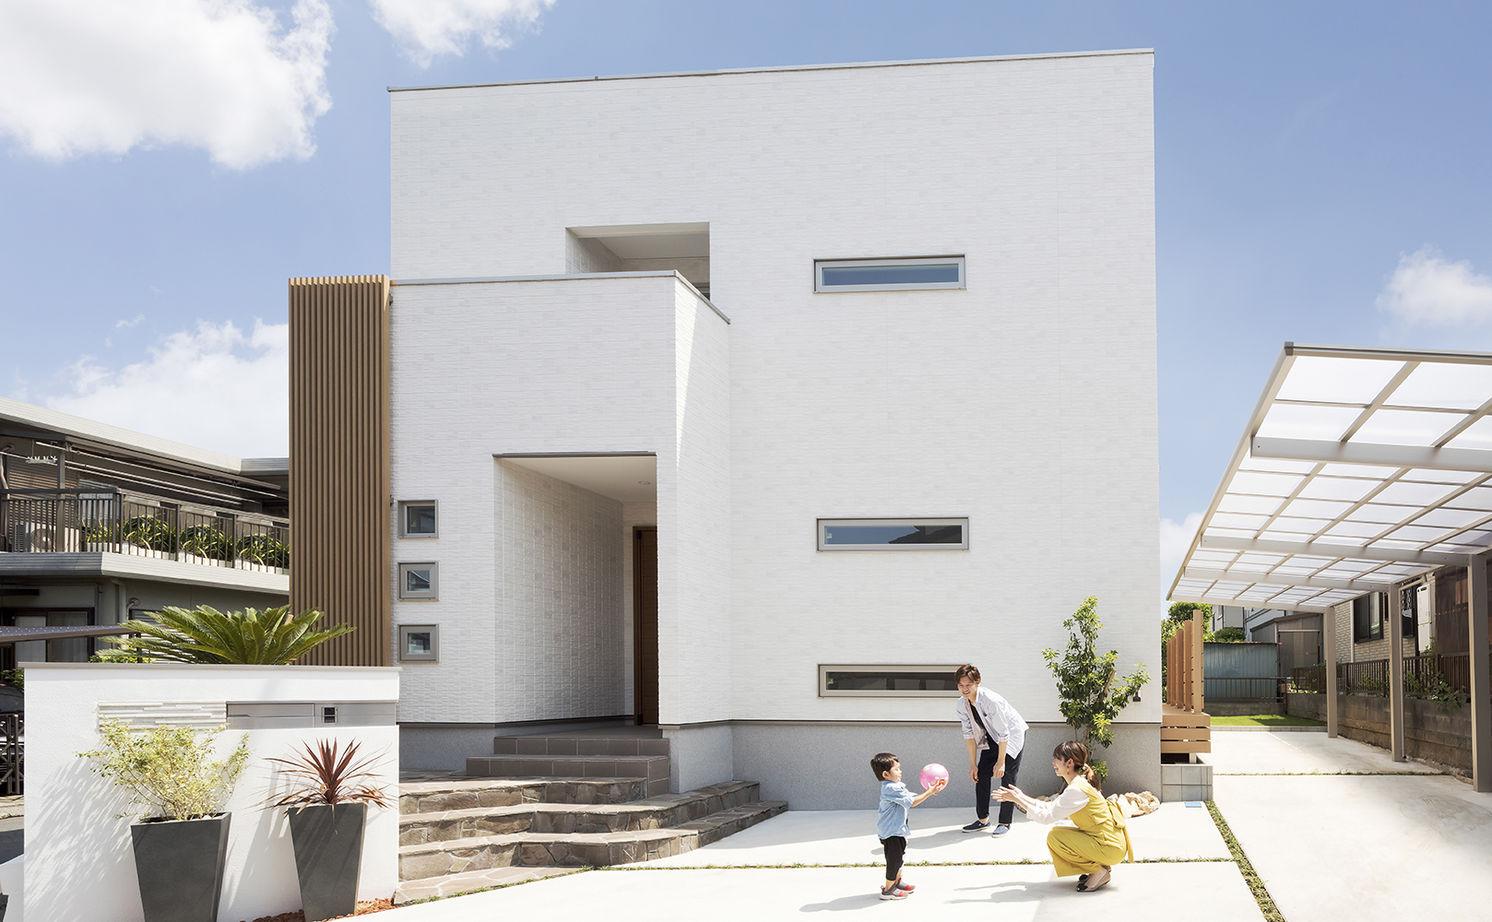 【2000~2500万円】【共働き】【子育て】共働き夫婦が子どものために選んだフル装備住宅画像1